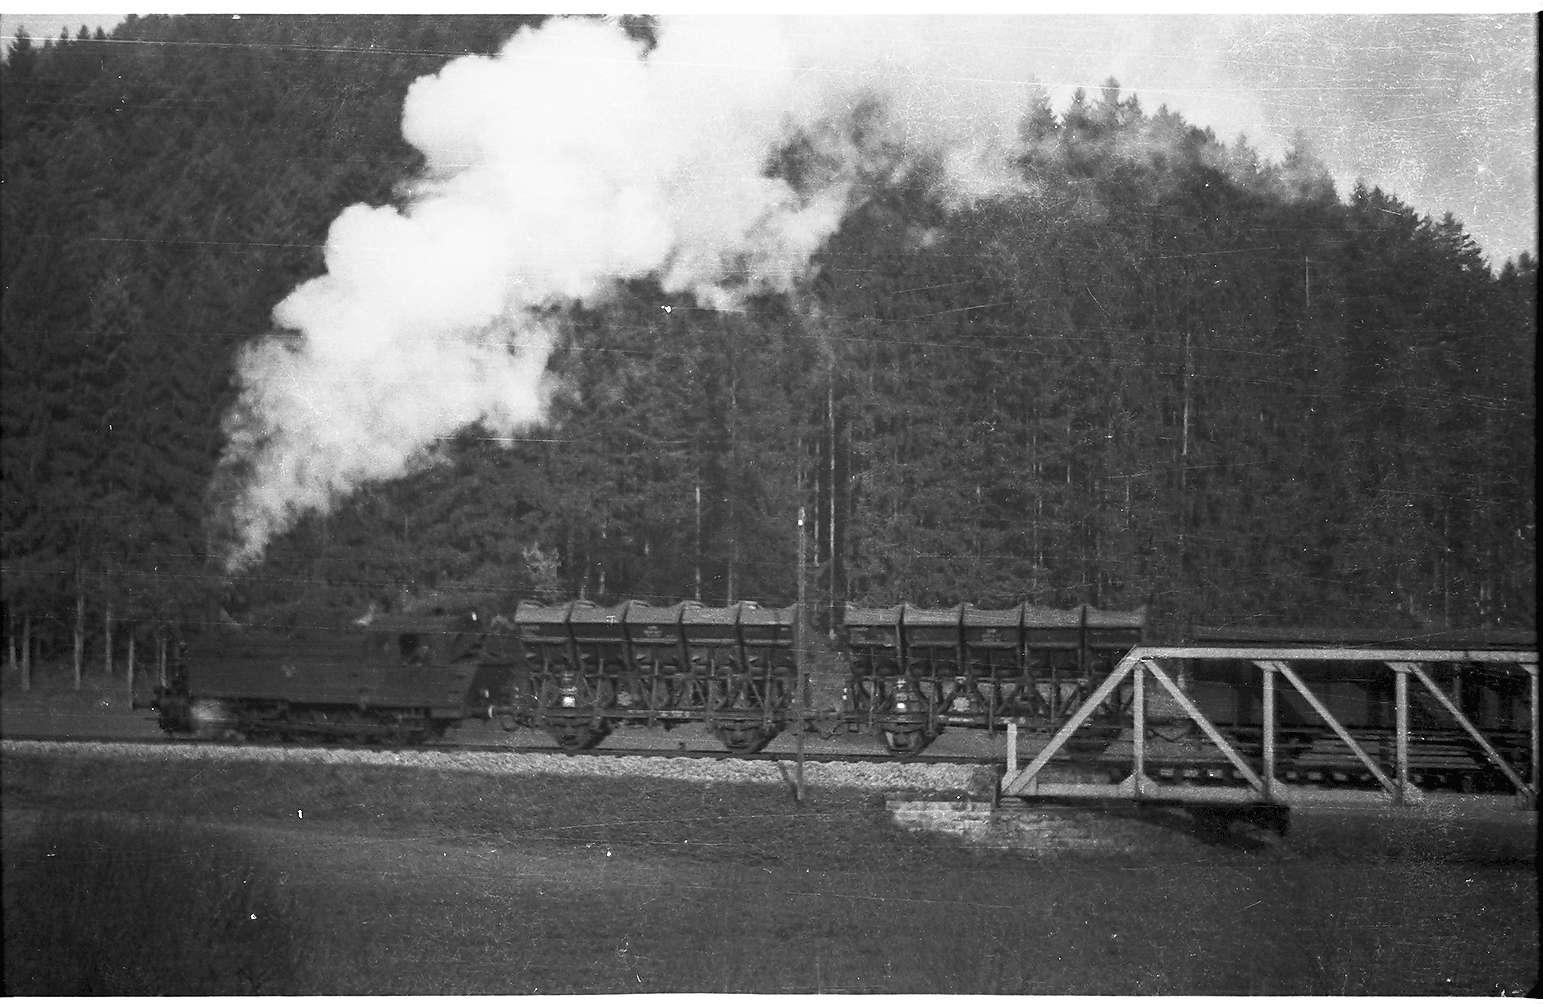 Lok 21, G(St) 305, Strecke Eyach - Mühringen, zwei leere Fz-Muldenkipper für das Salzwerk Stetten bei Haigerloch bestimmt, Bild 1